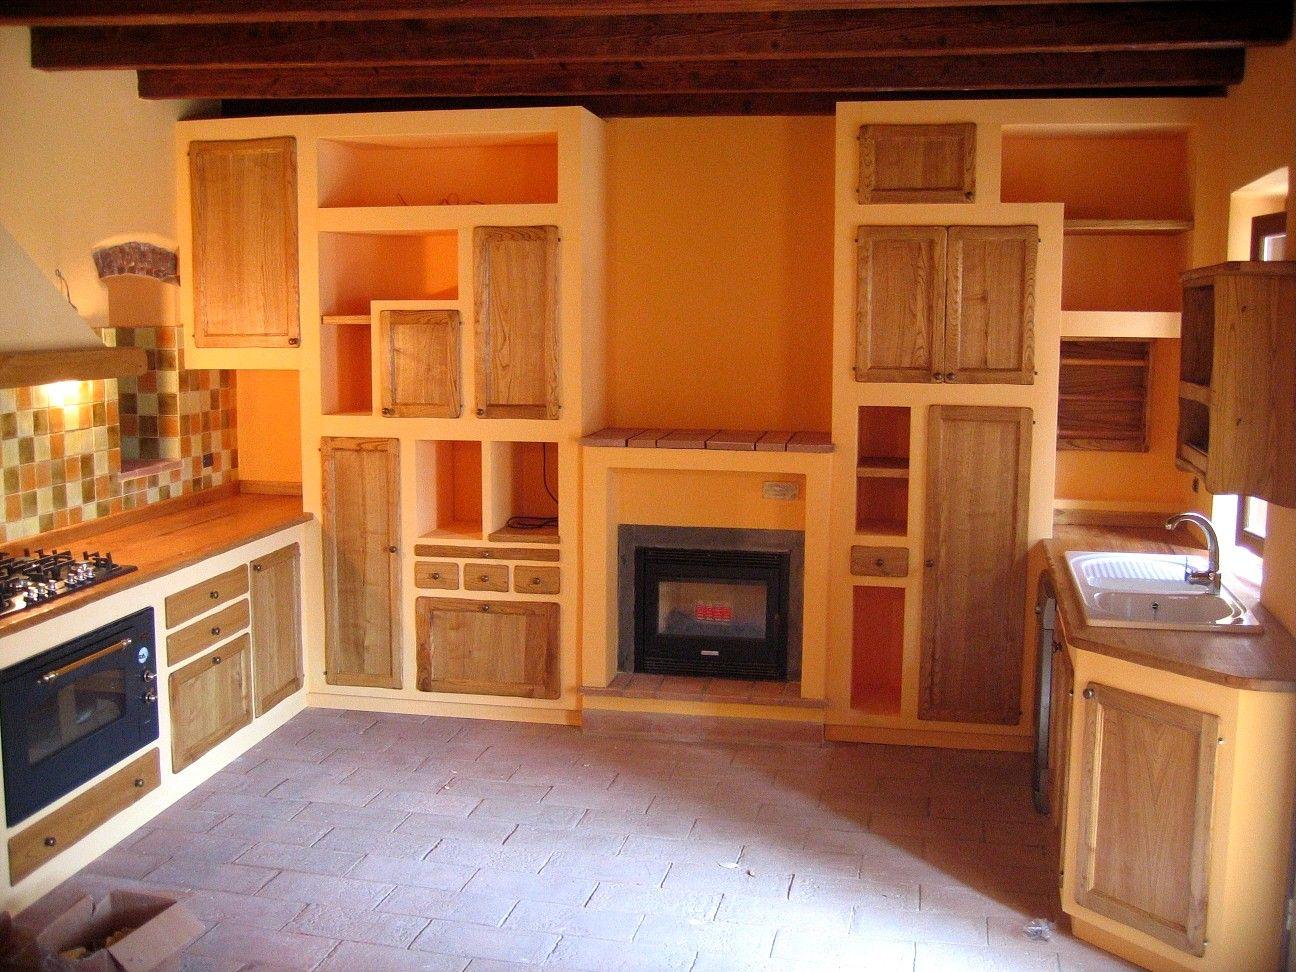 CUCINA.-  legno di castagno. olio e cera  compensato trattato per muratura.  TESTADILEGNO